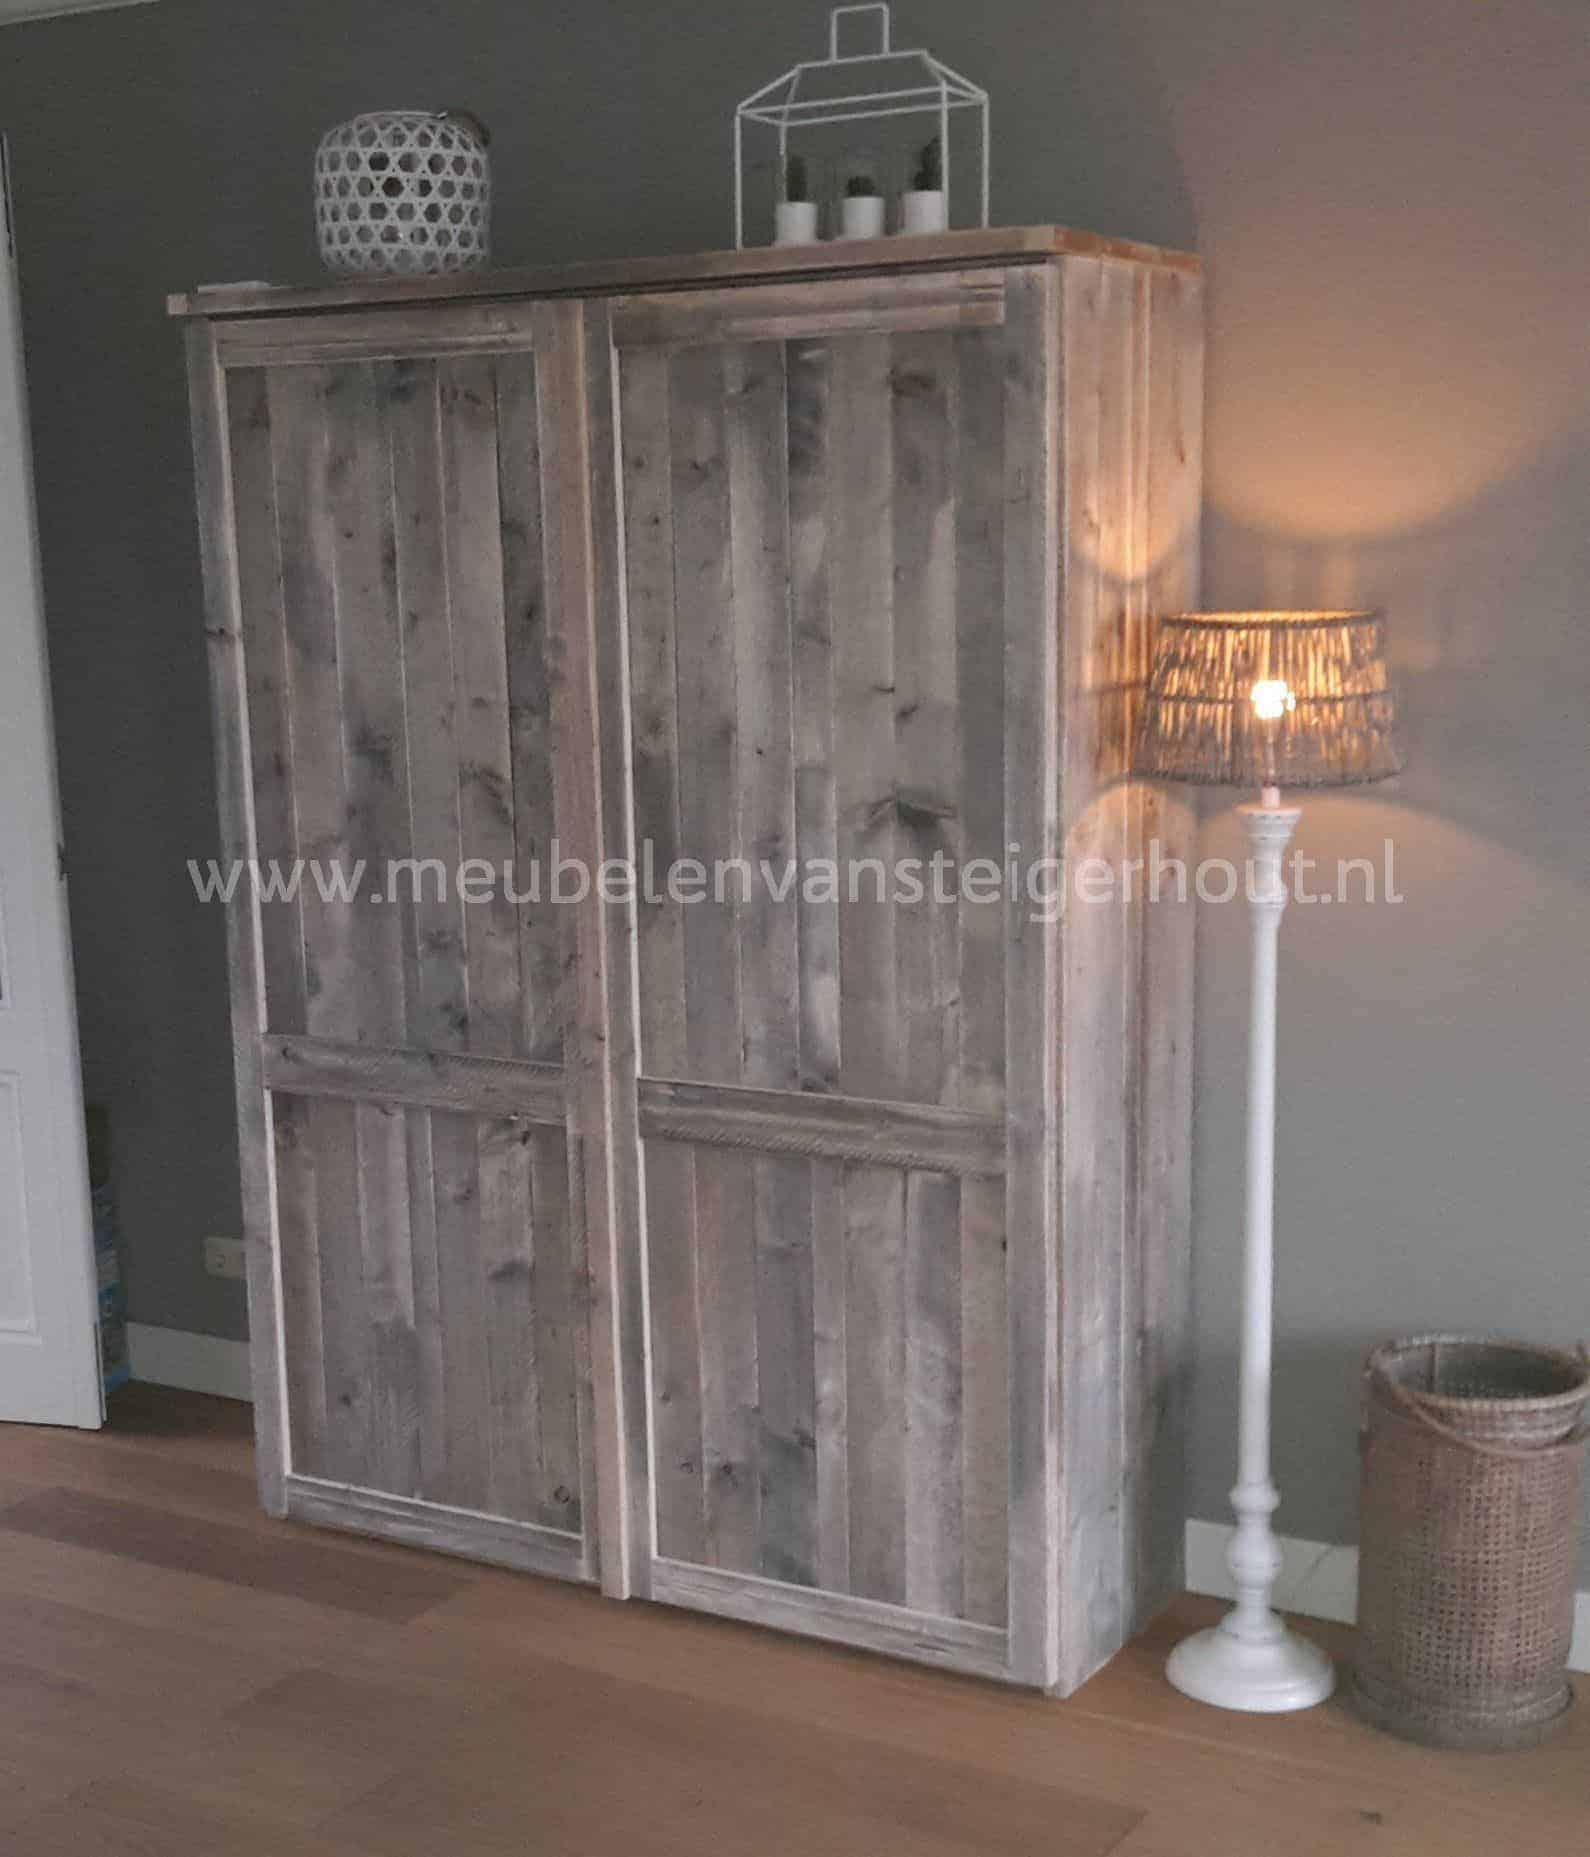 Meubelen van steigerhout huizen. kwaliteit steigerhout meubelen en ...